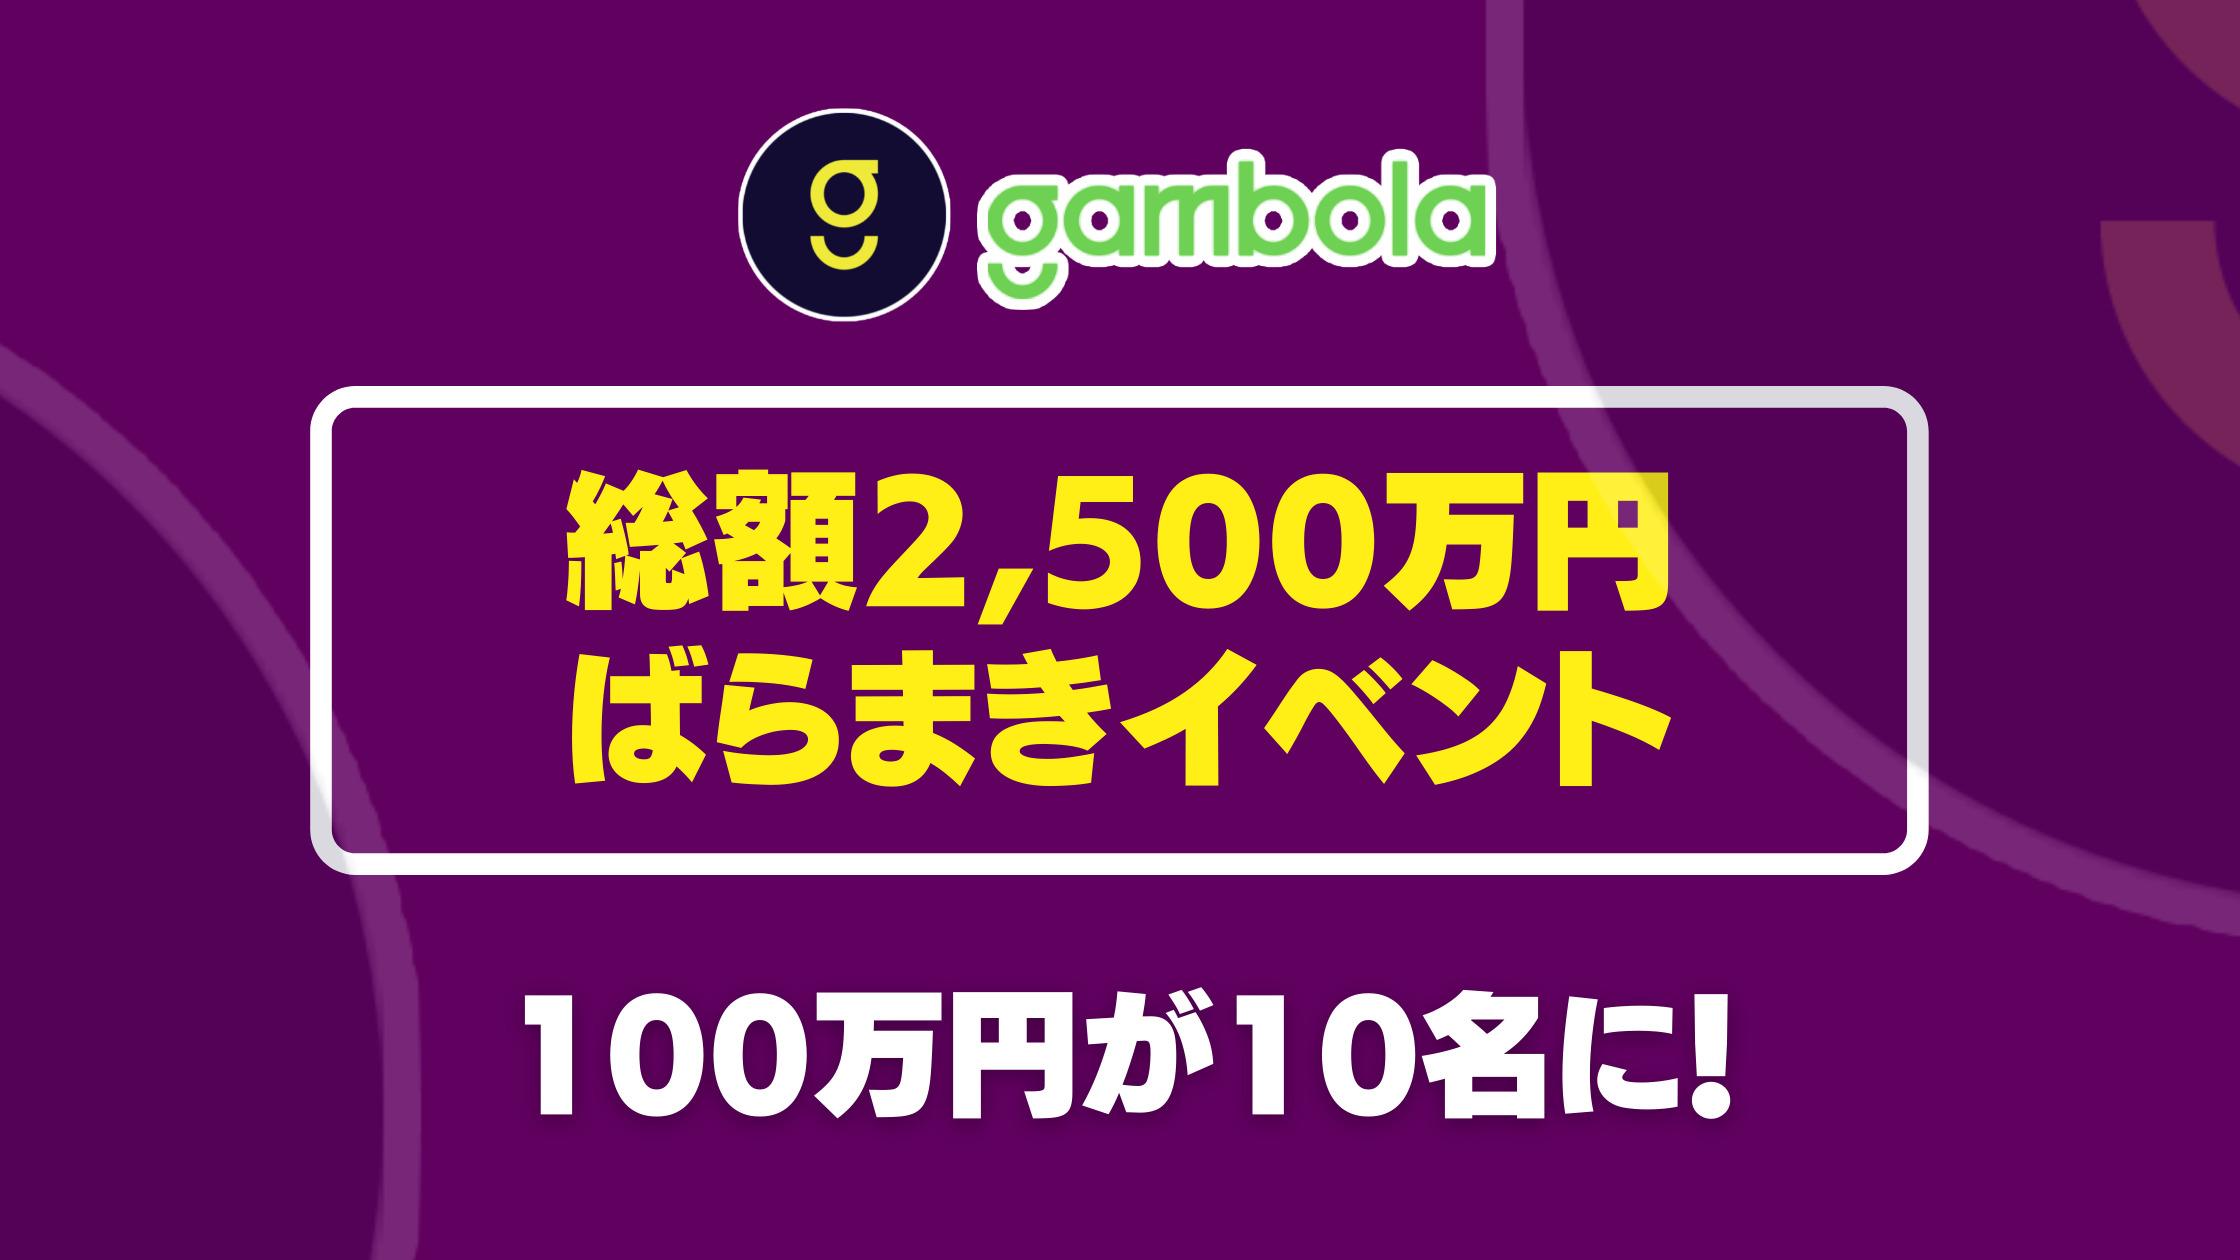 【ギャンボラ】総額2500万円ばらまき企画!!抽選方式なので全員チャンスあり!!